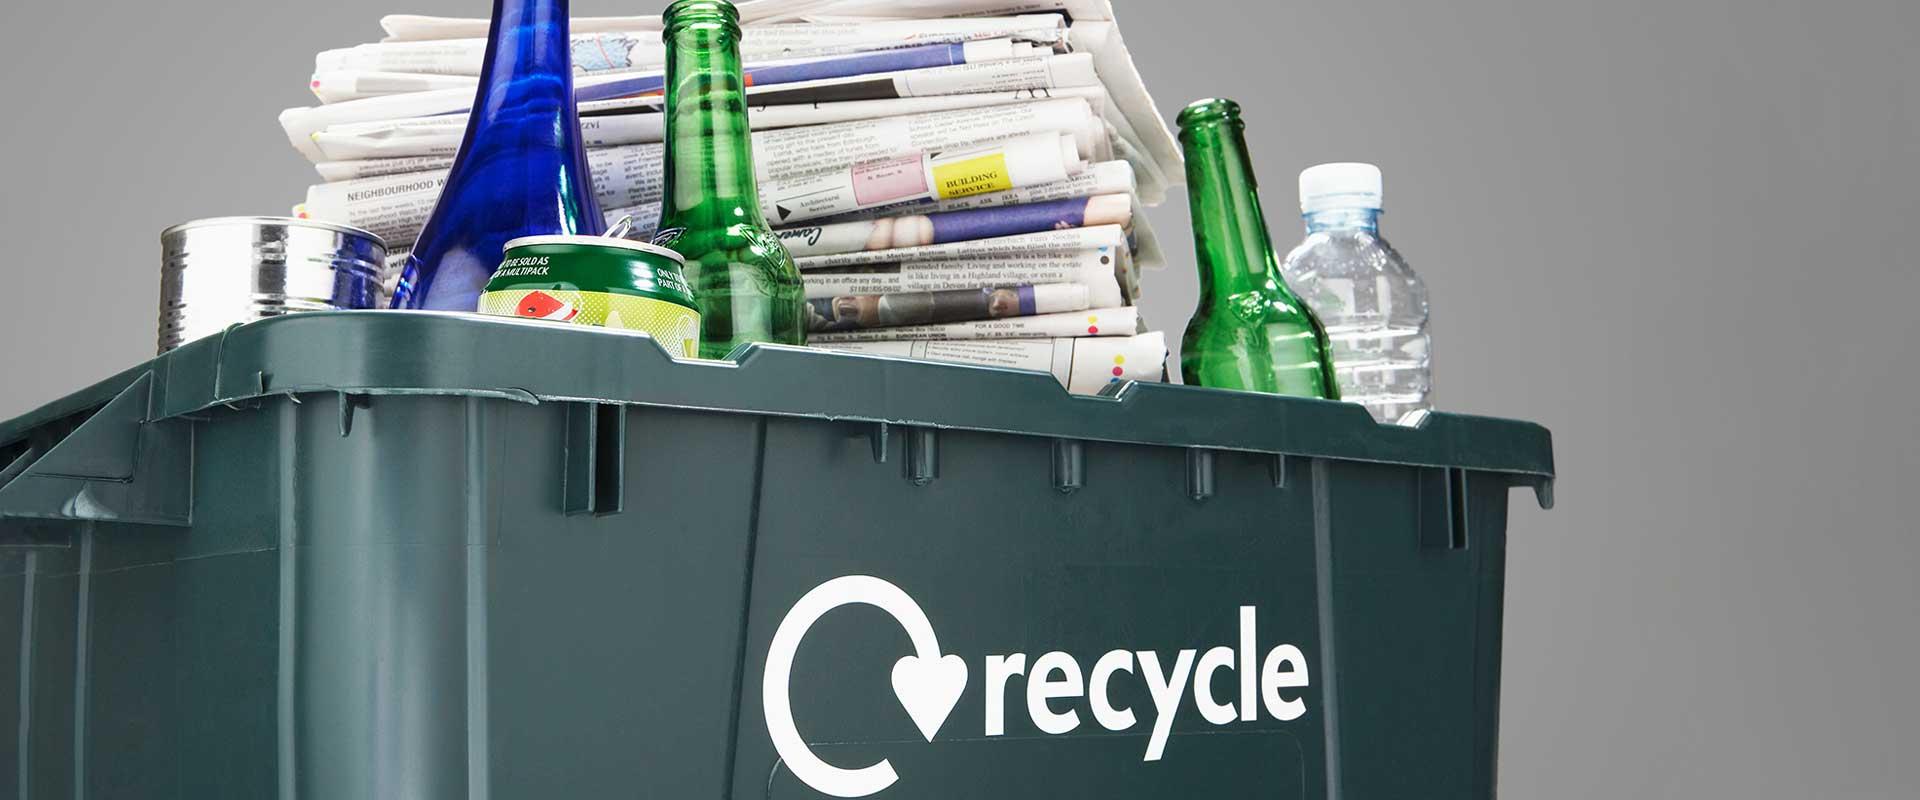 kalamazoo exchange onsite-recycling